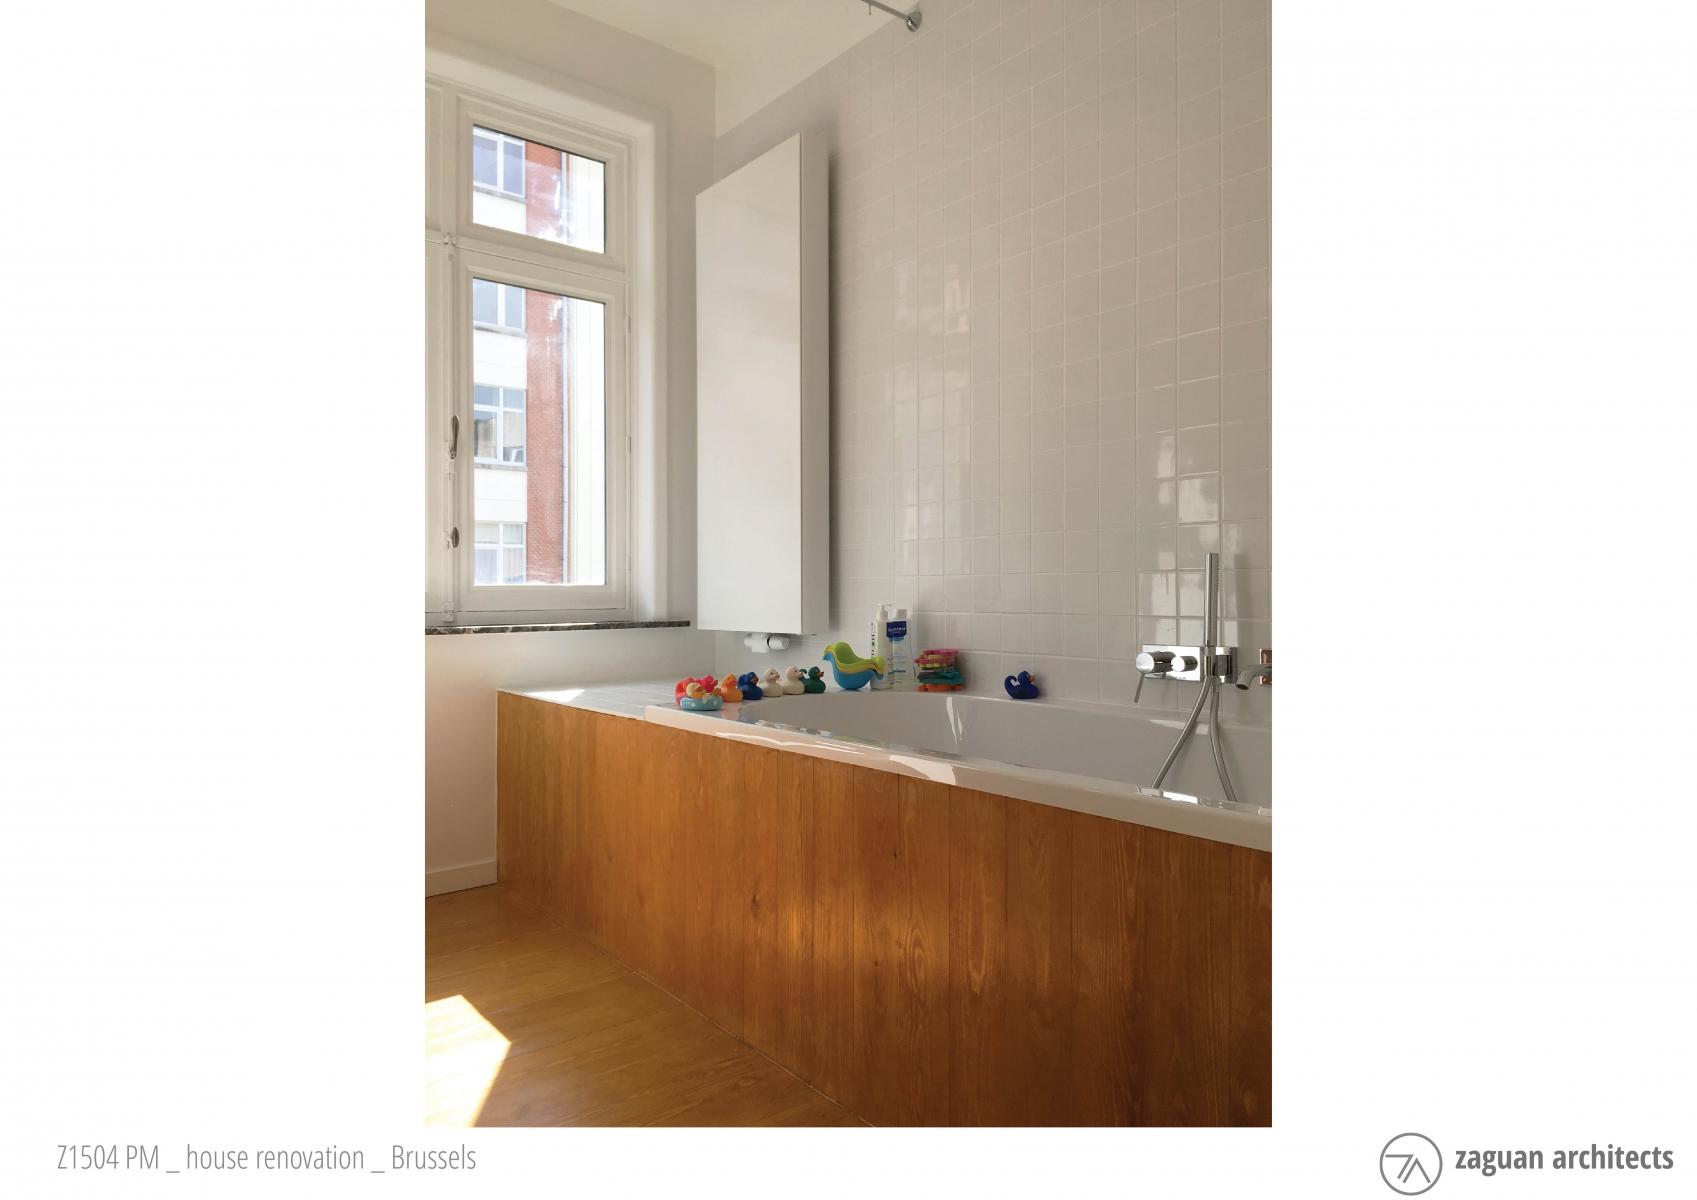 zaguanarchitects house renovation brussels Z1504 003